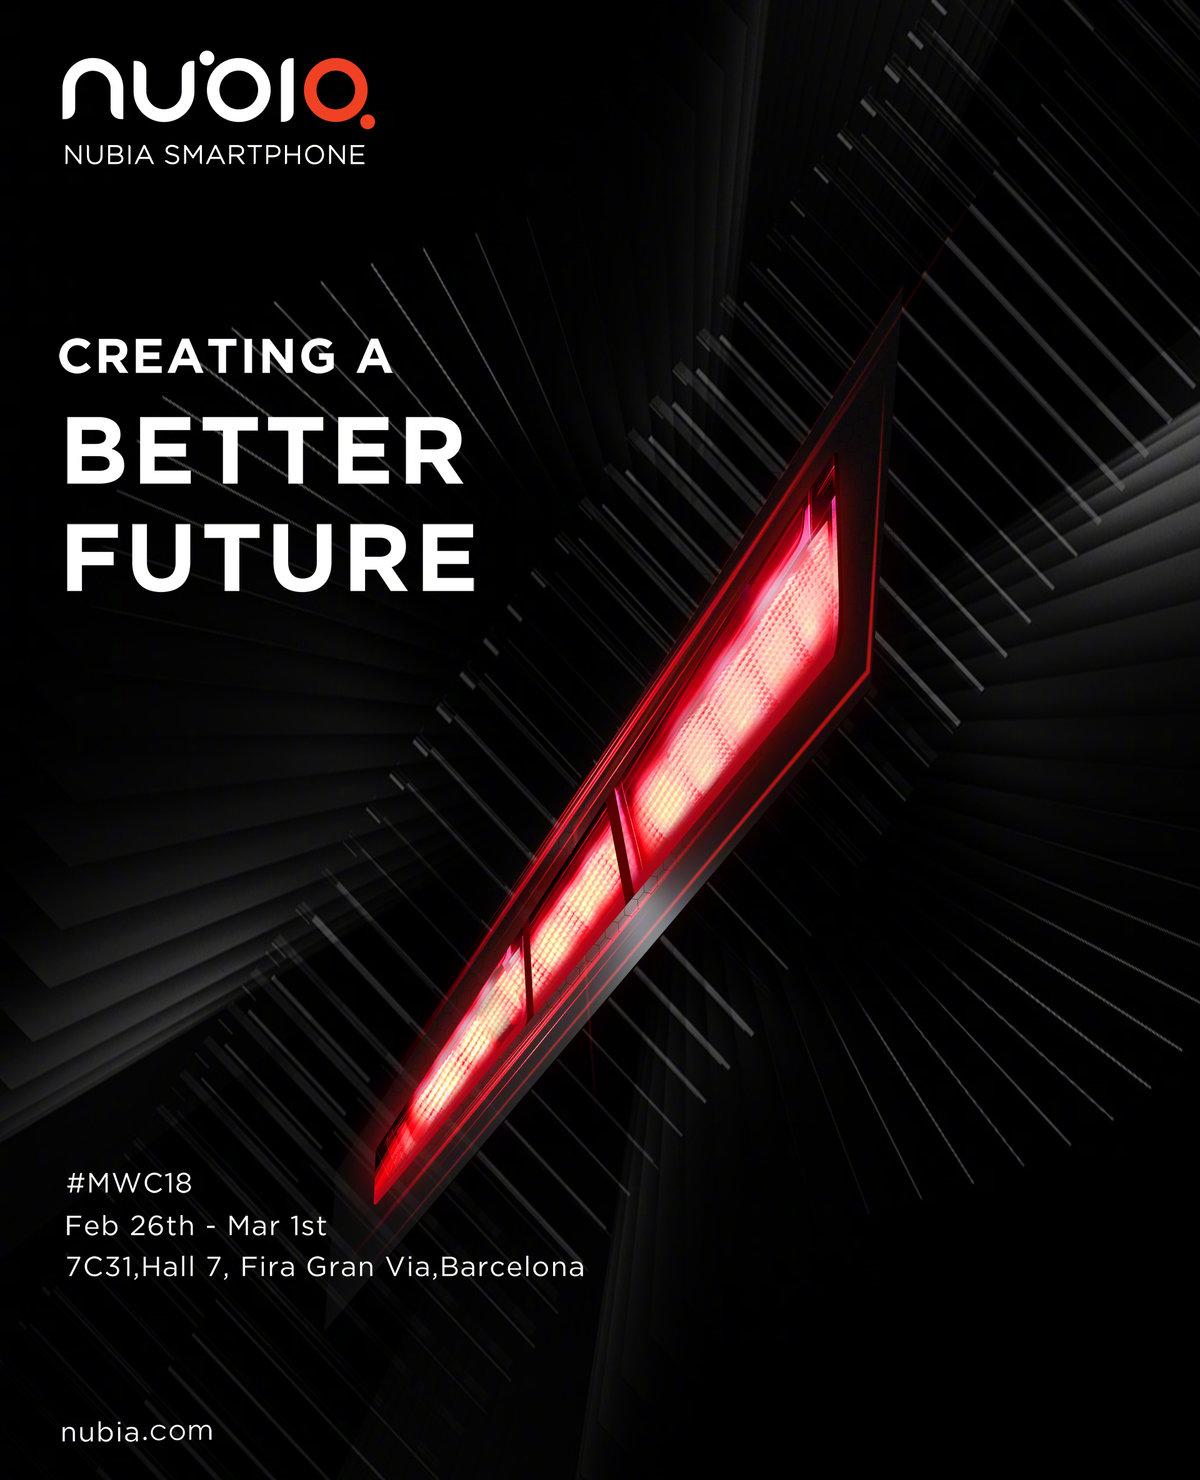 游戏机+性能怪兽+Hi-Fi?nubia将在MWC发布骁龙845新机 - 热点资讯 首页 第3张